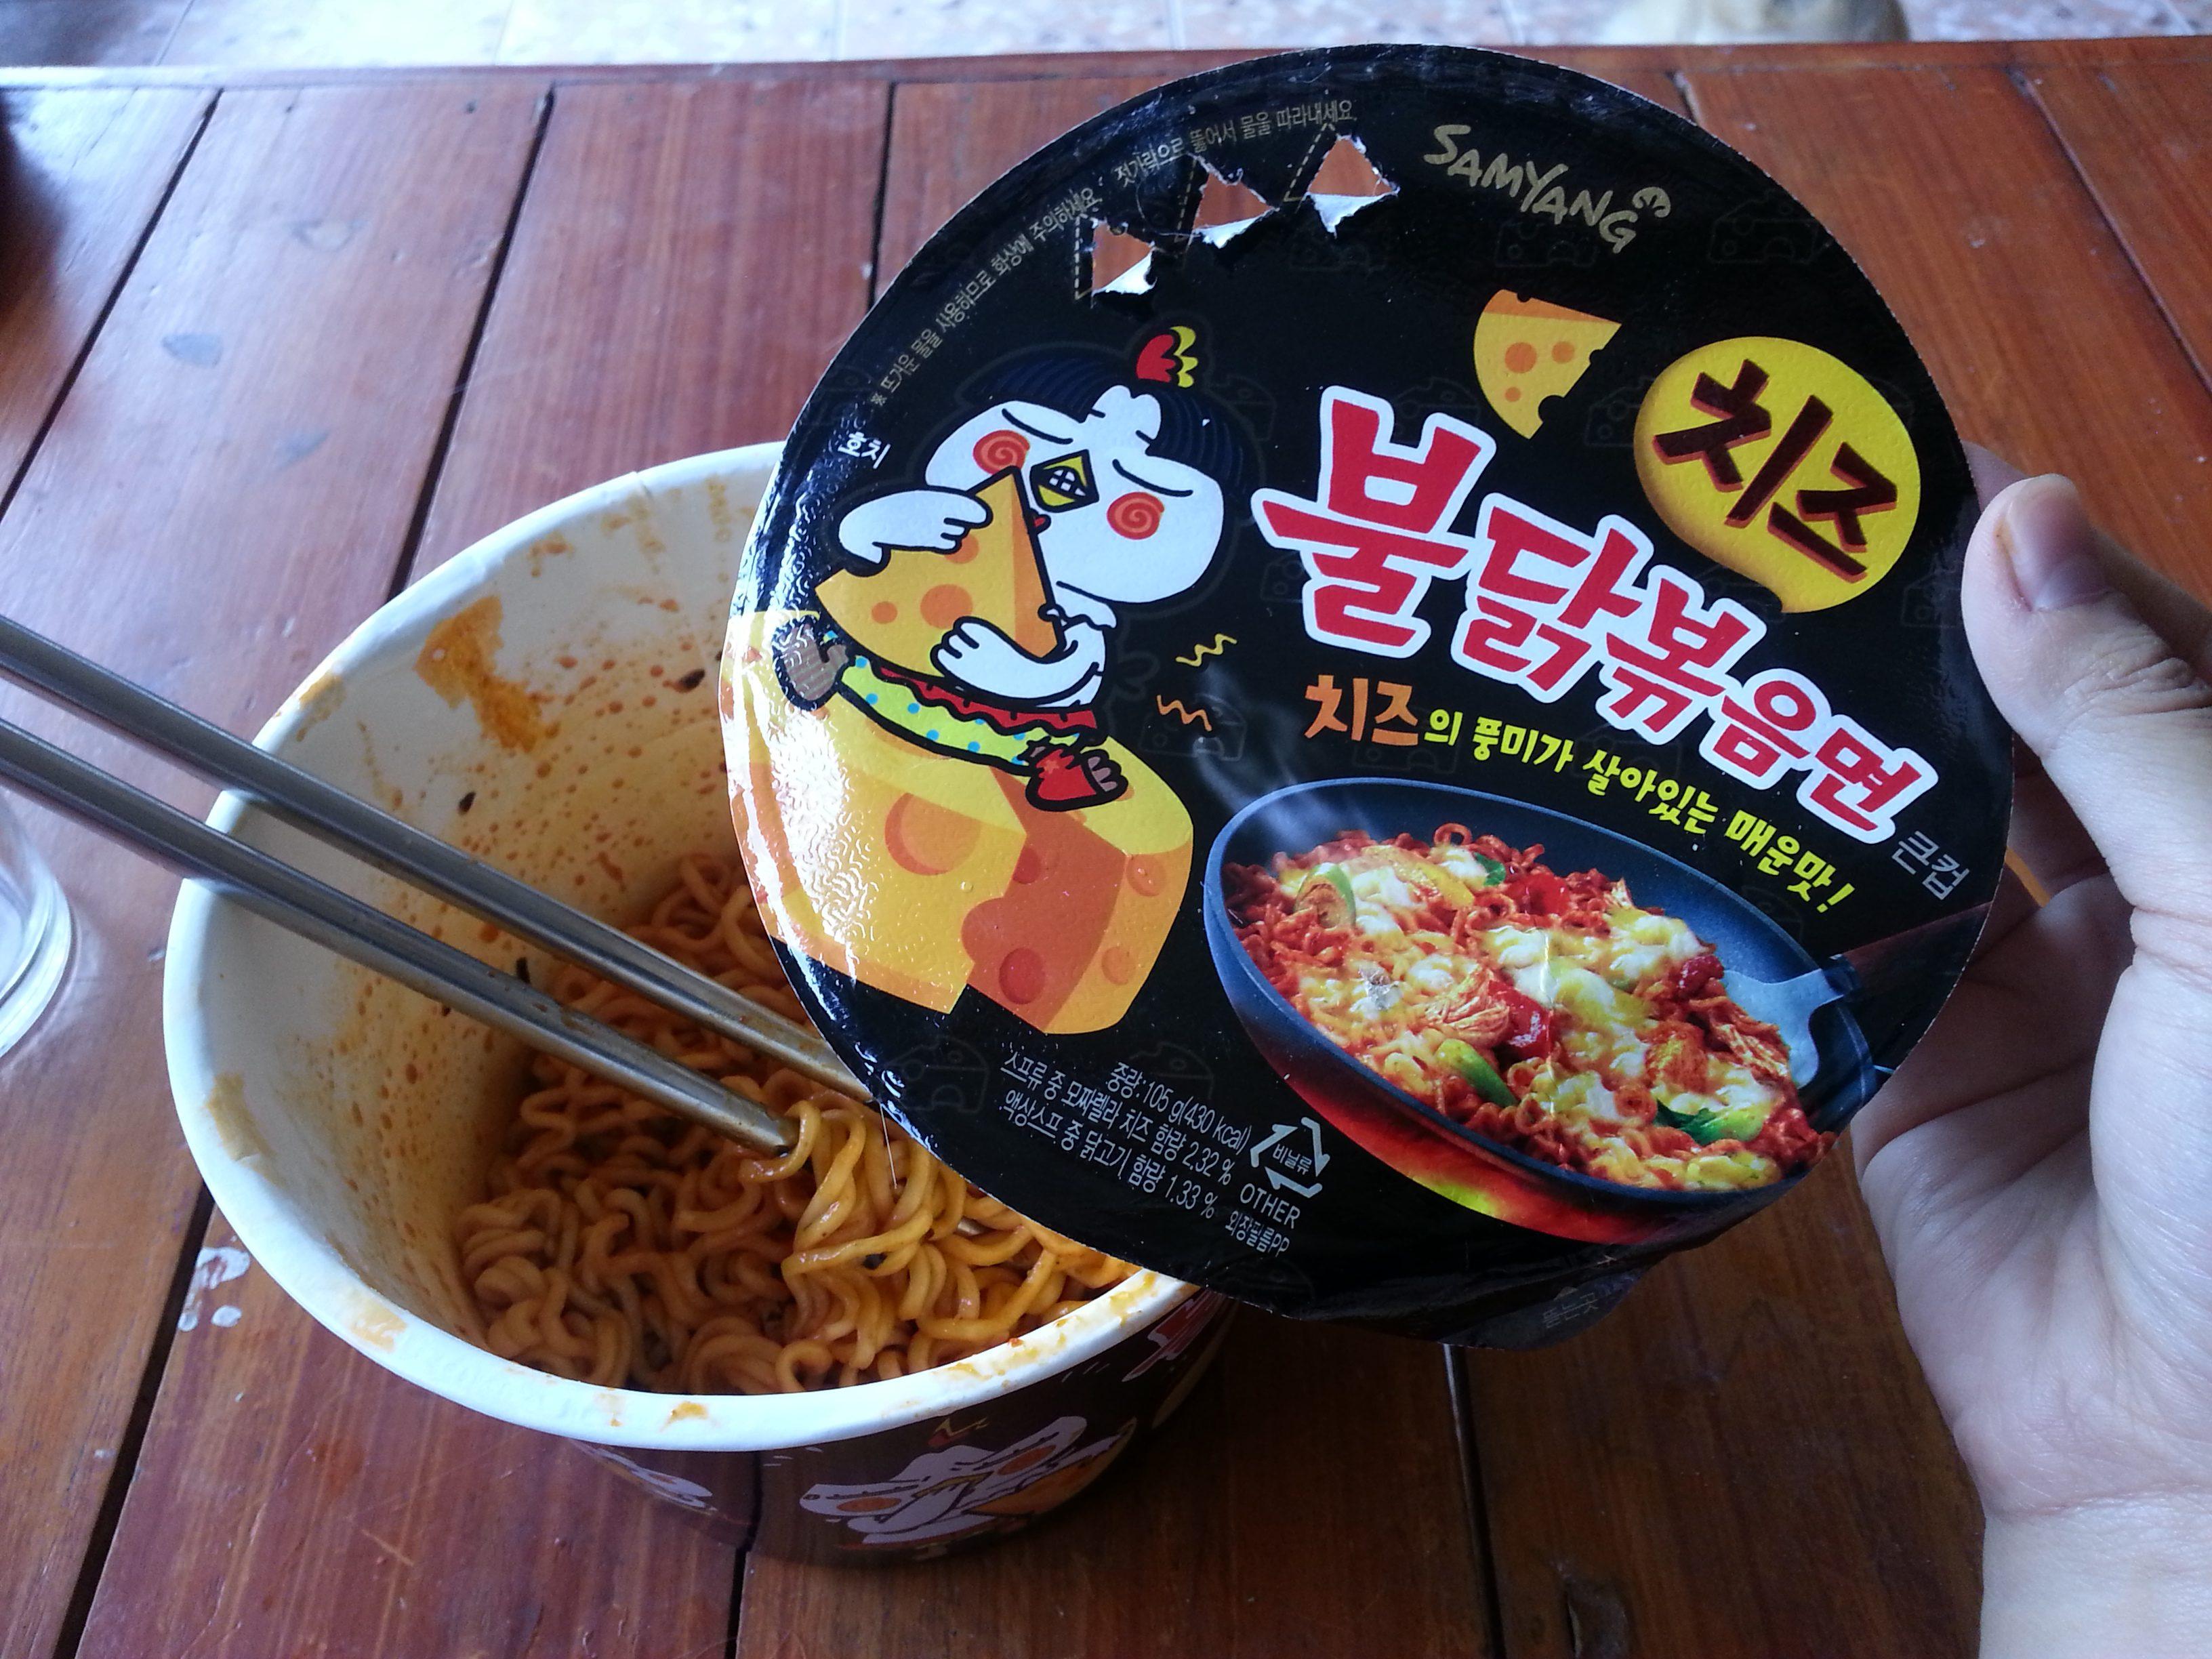 รีวิว มาม่าเผ็ดโคตรรสชีสของเกาหลีที่สุดฮิต!